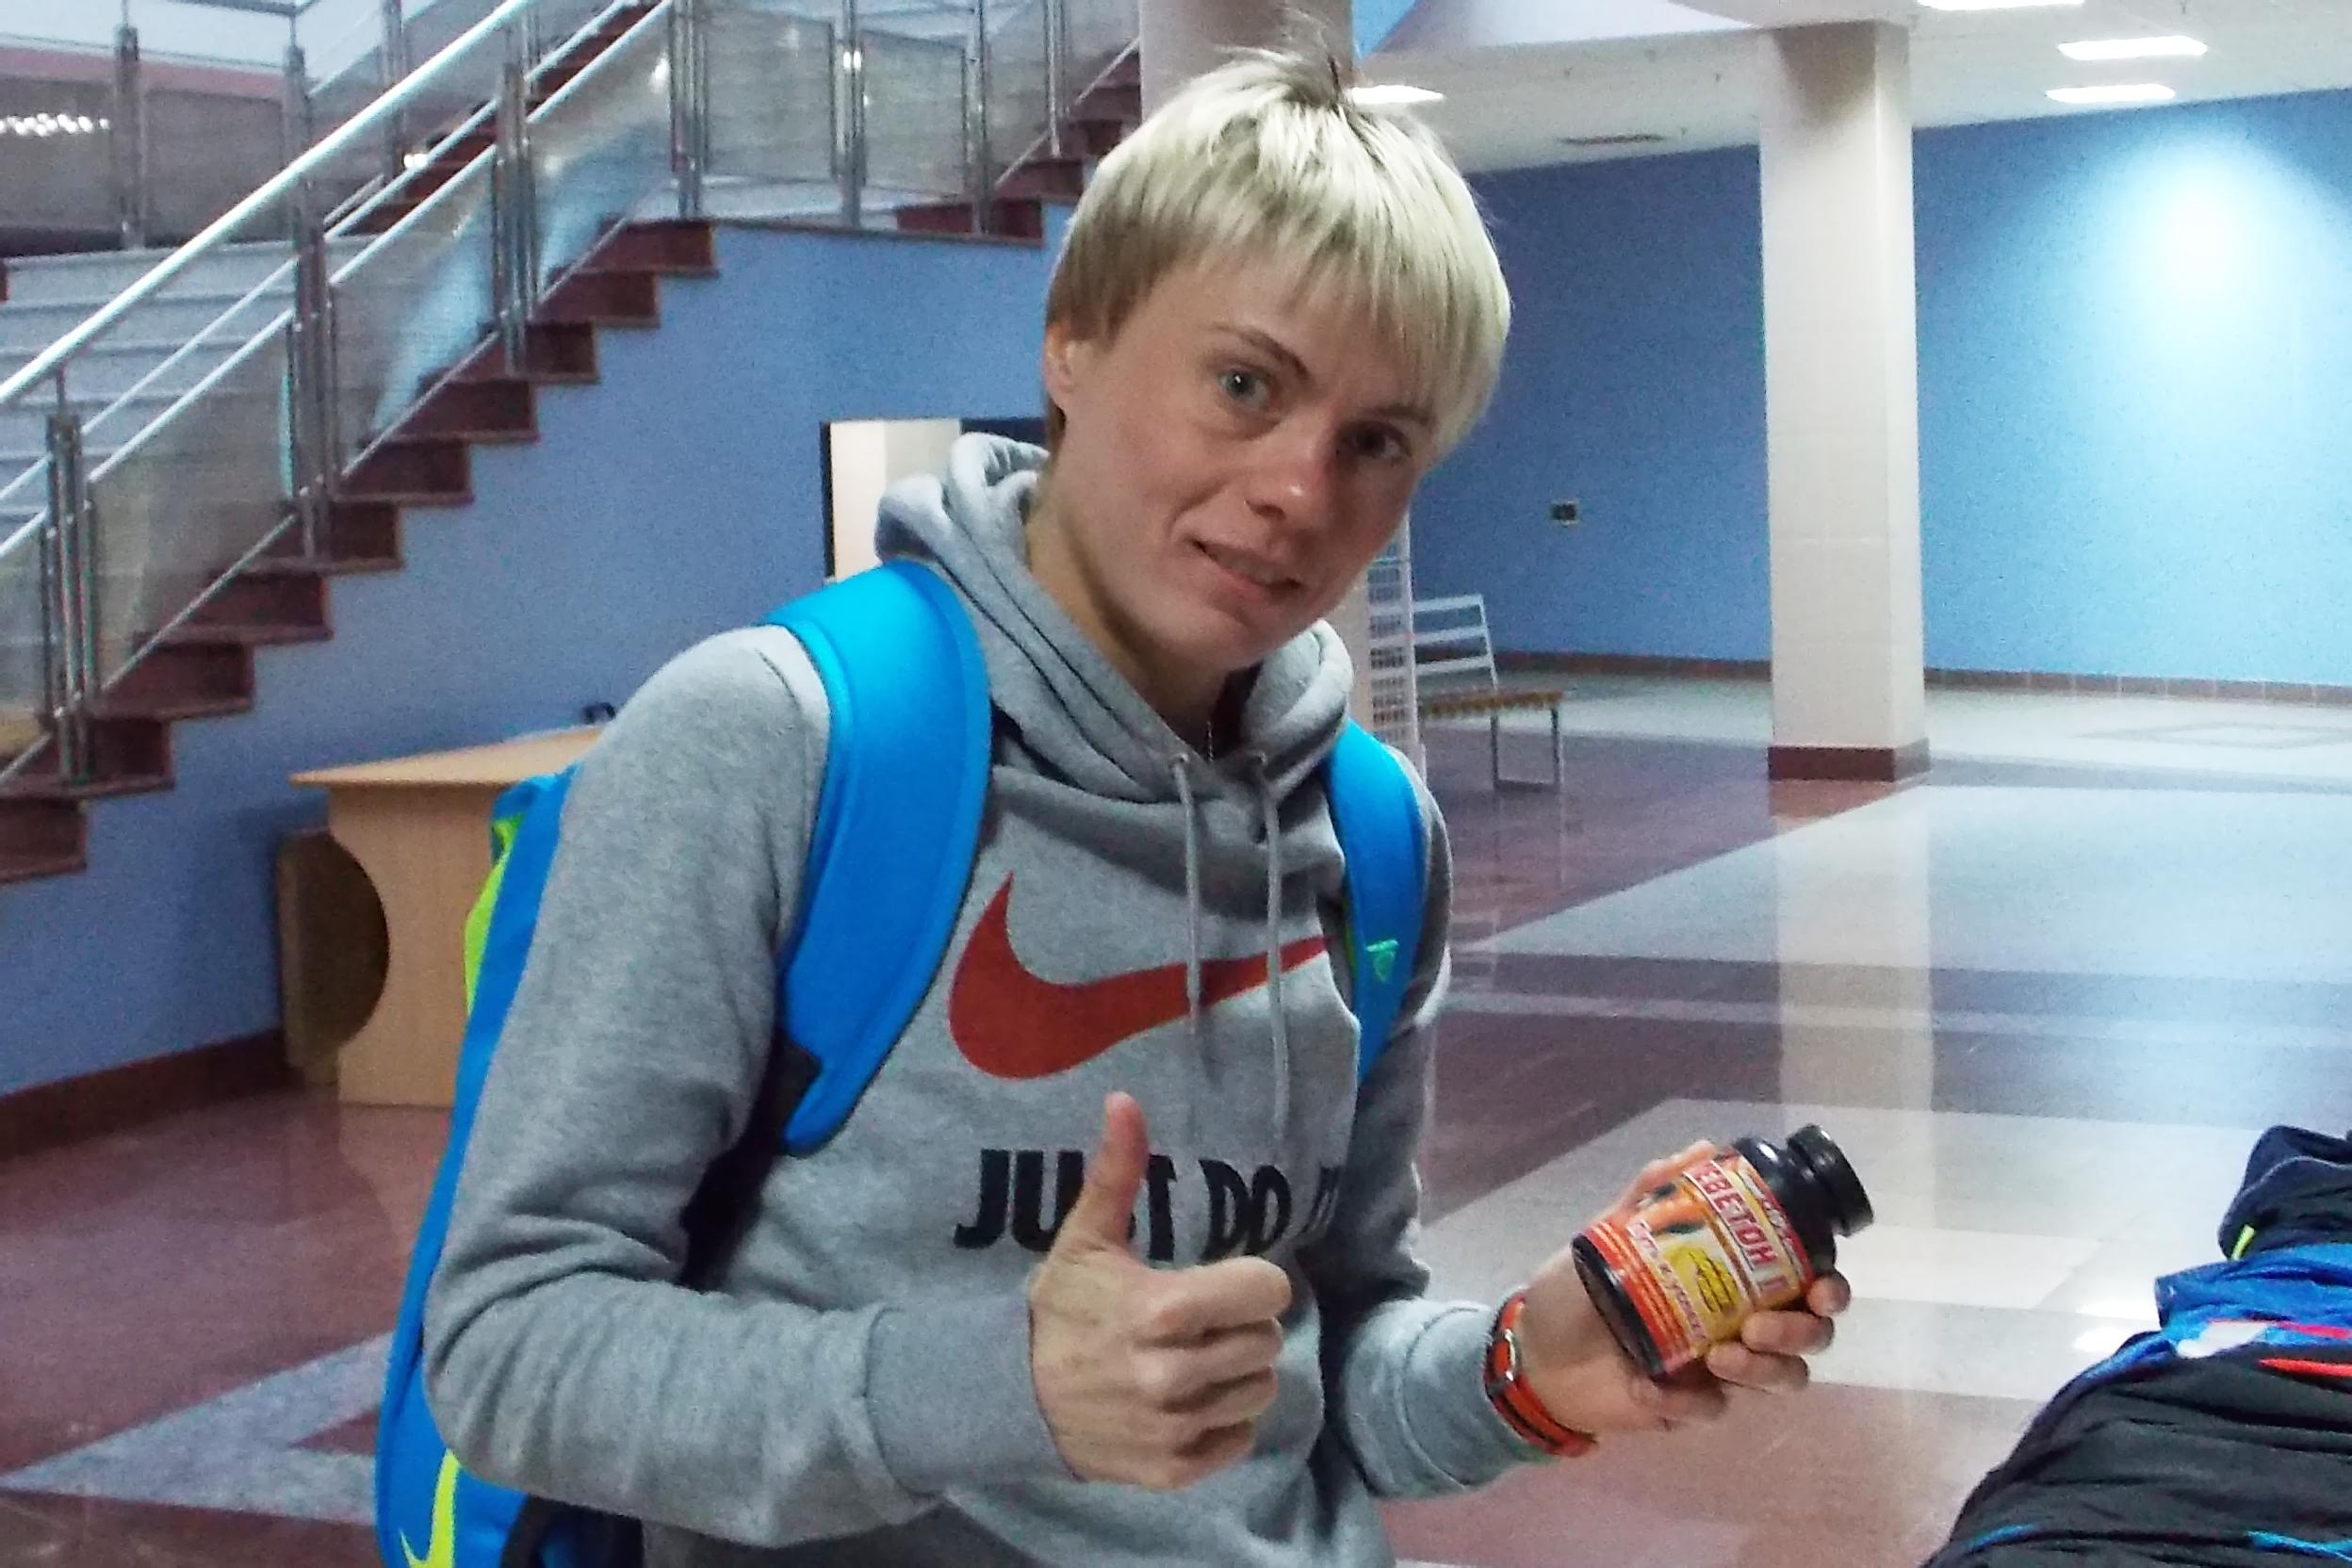 Лариса Клейменова мастер спорта по дзюдо мастер спорта международного класса по легкой атлетике в беге на 100 км г курск